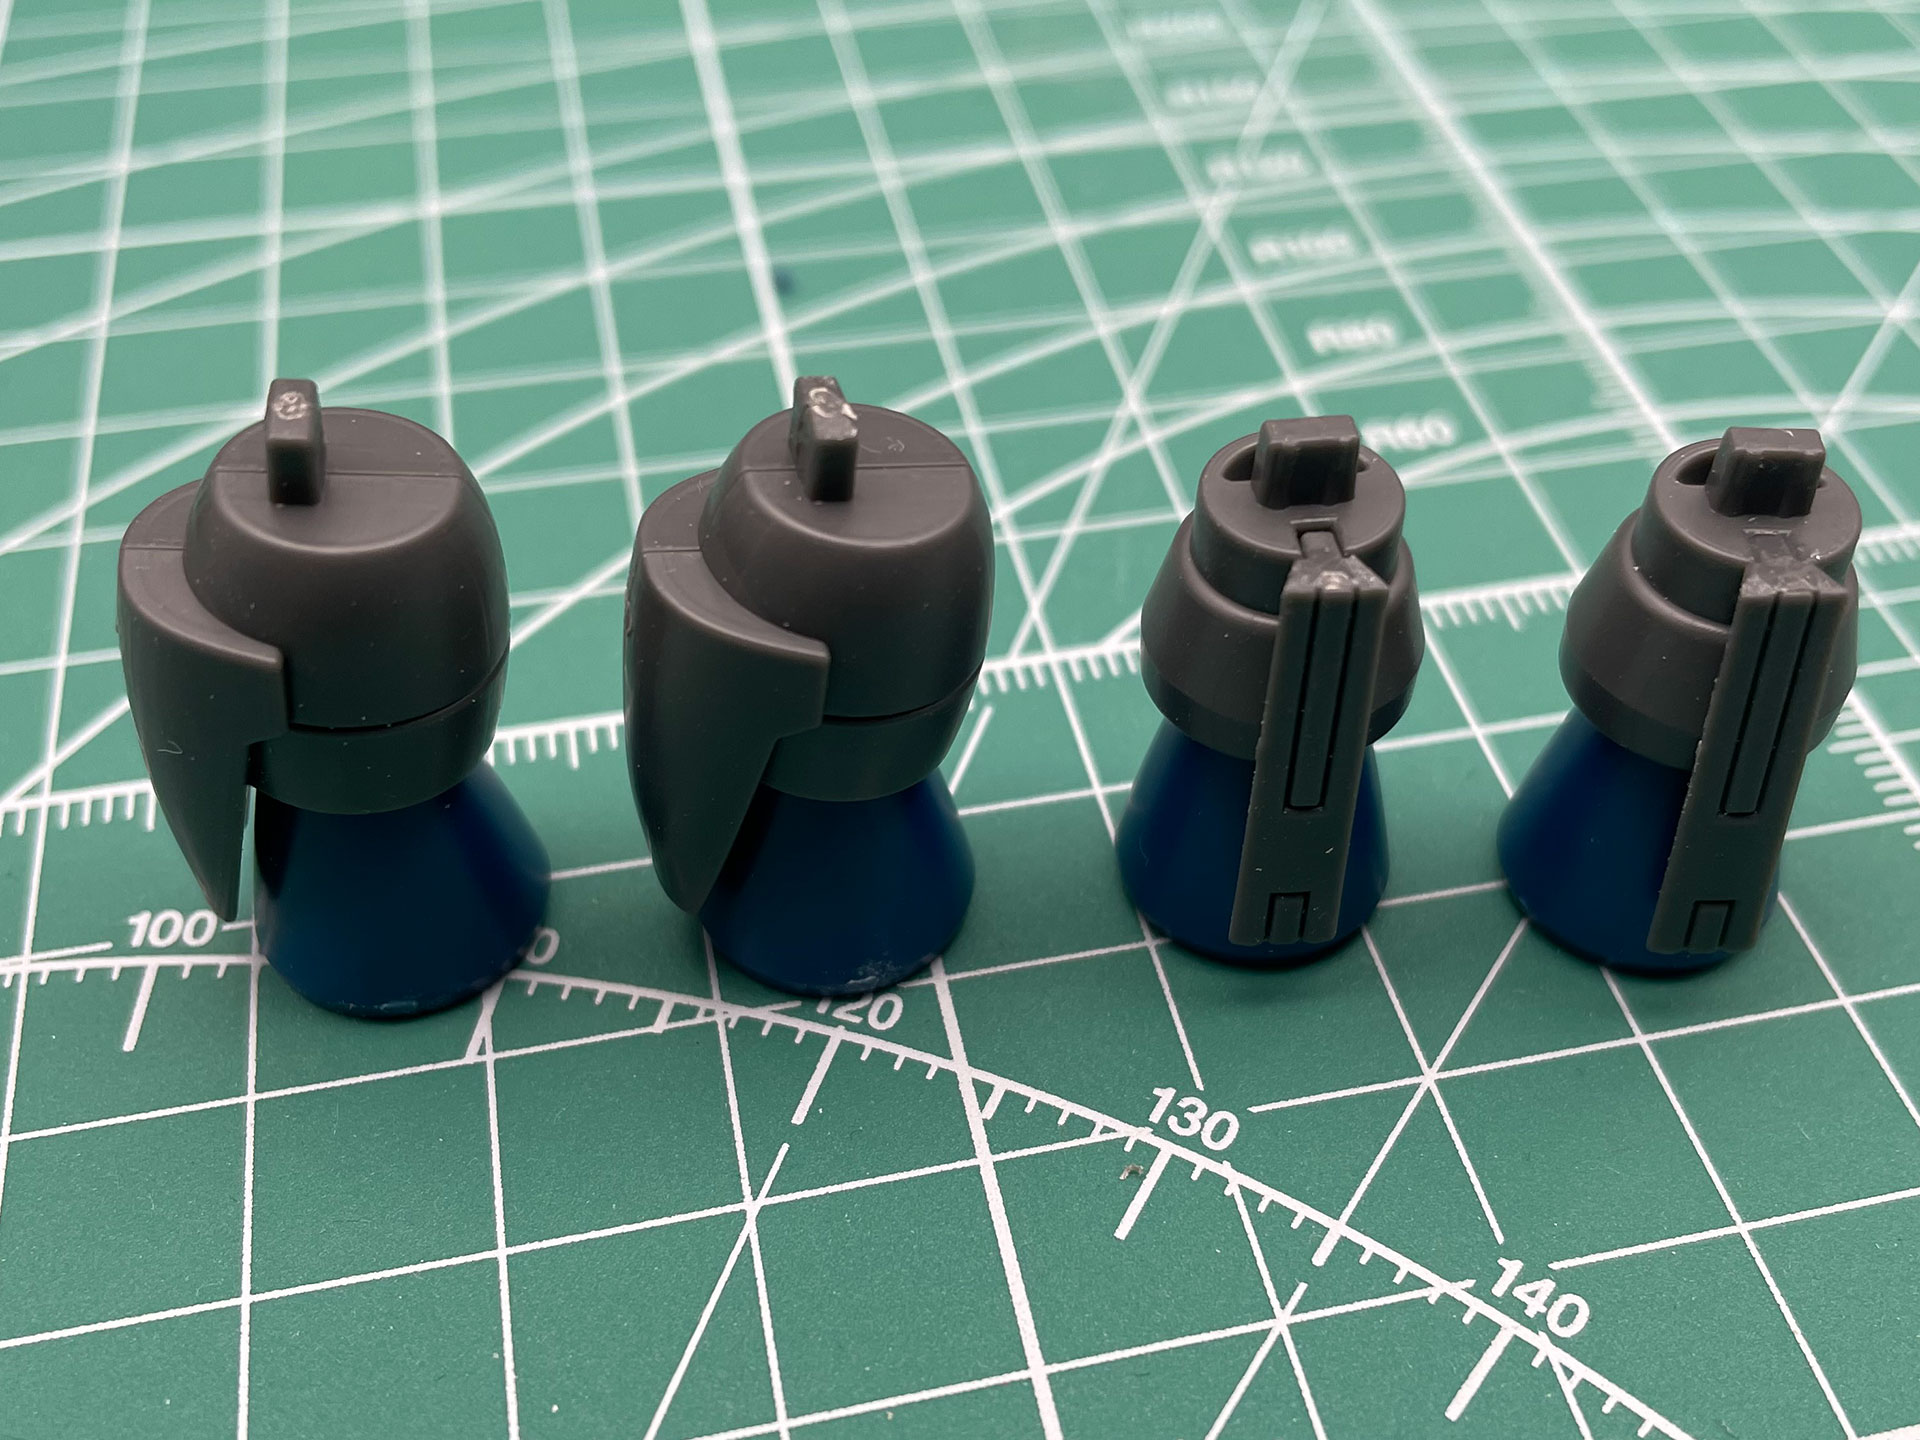 噴射口にあたるパーツを2個ずつ組み立てたところ。